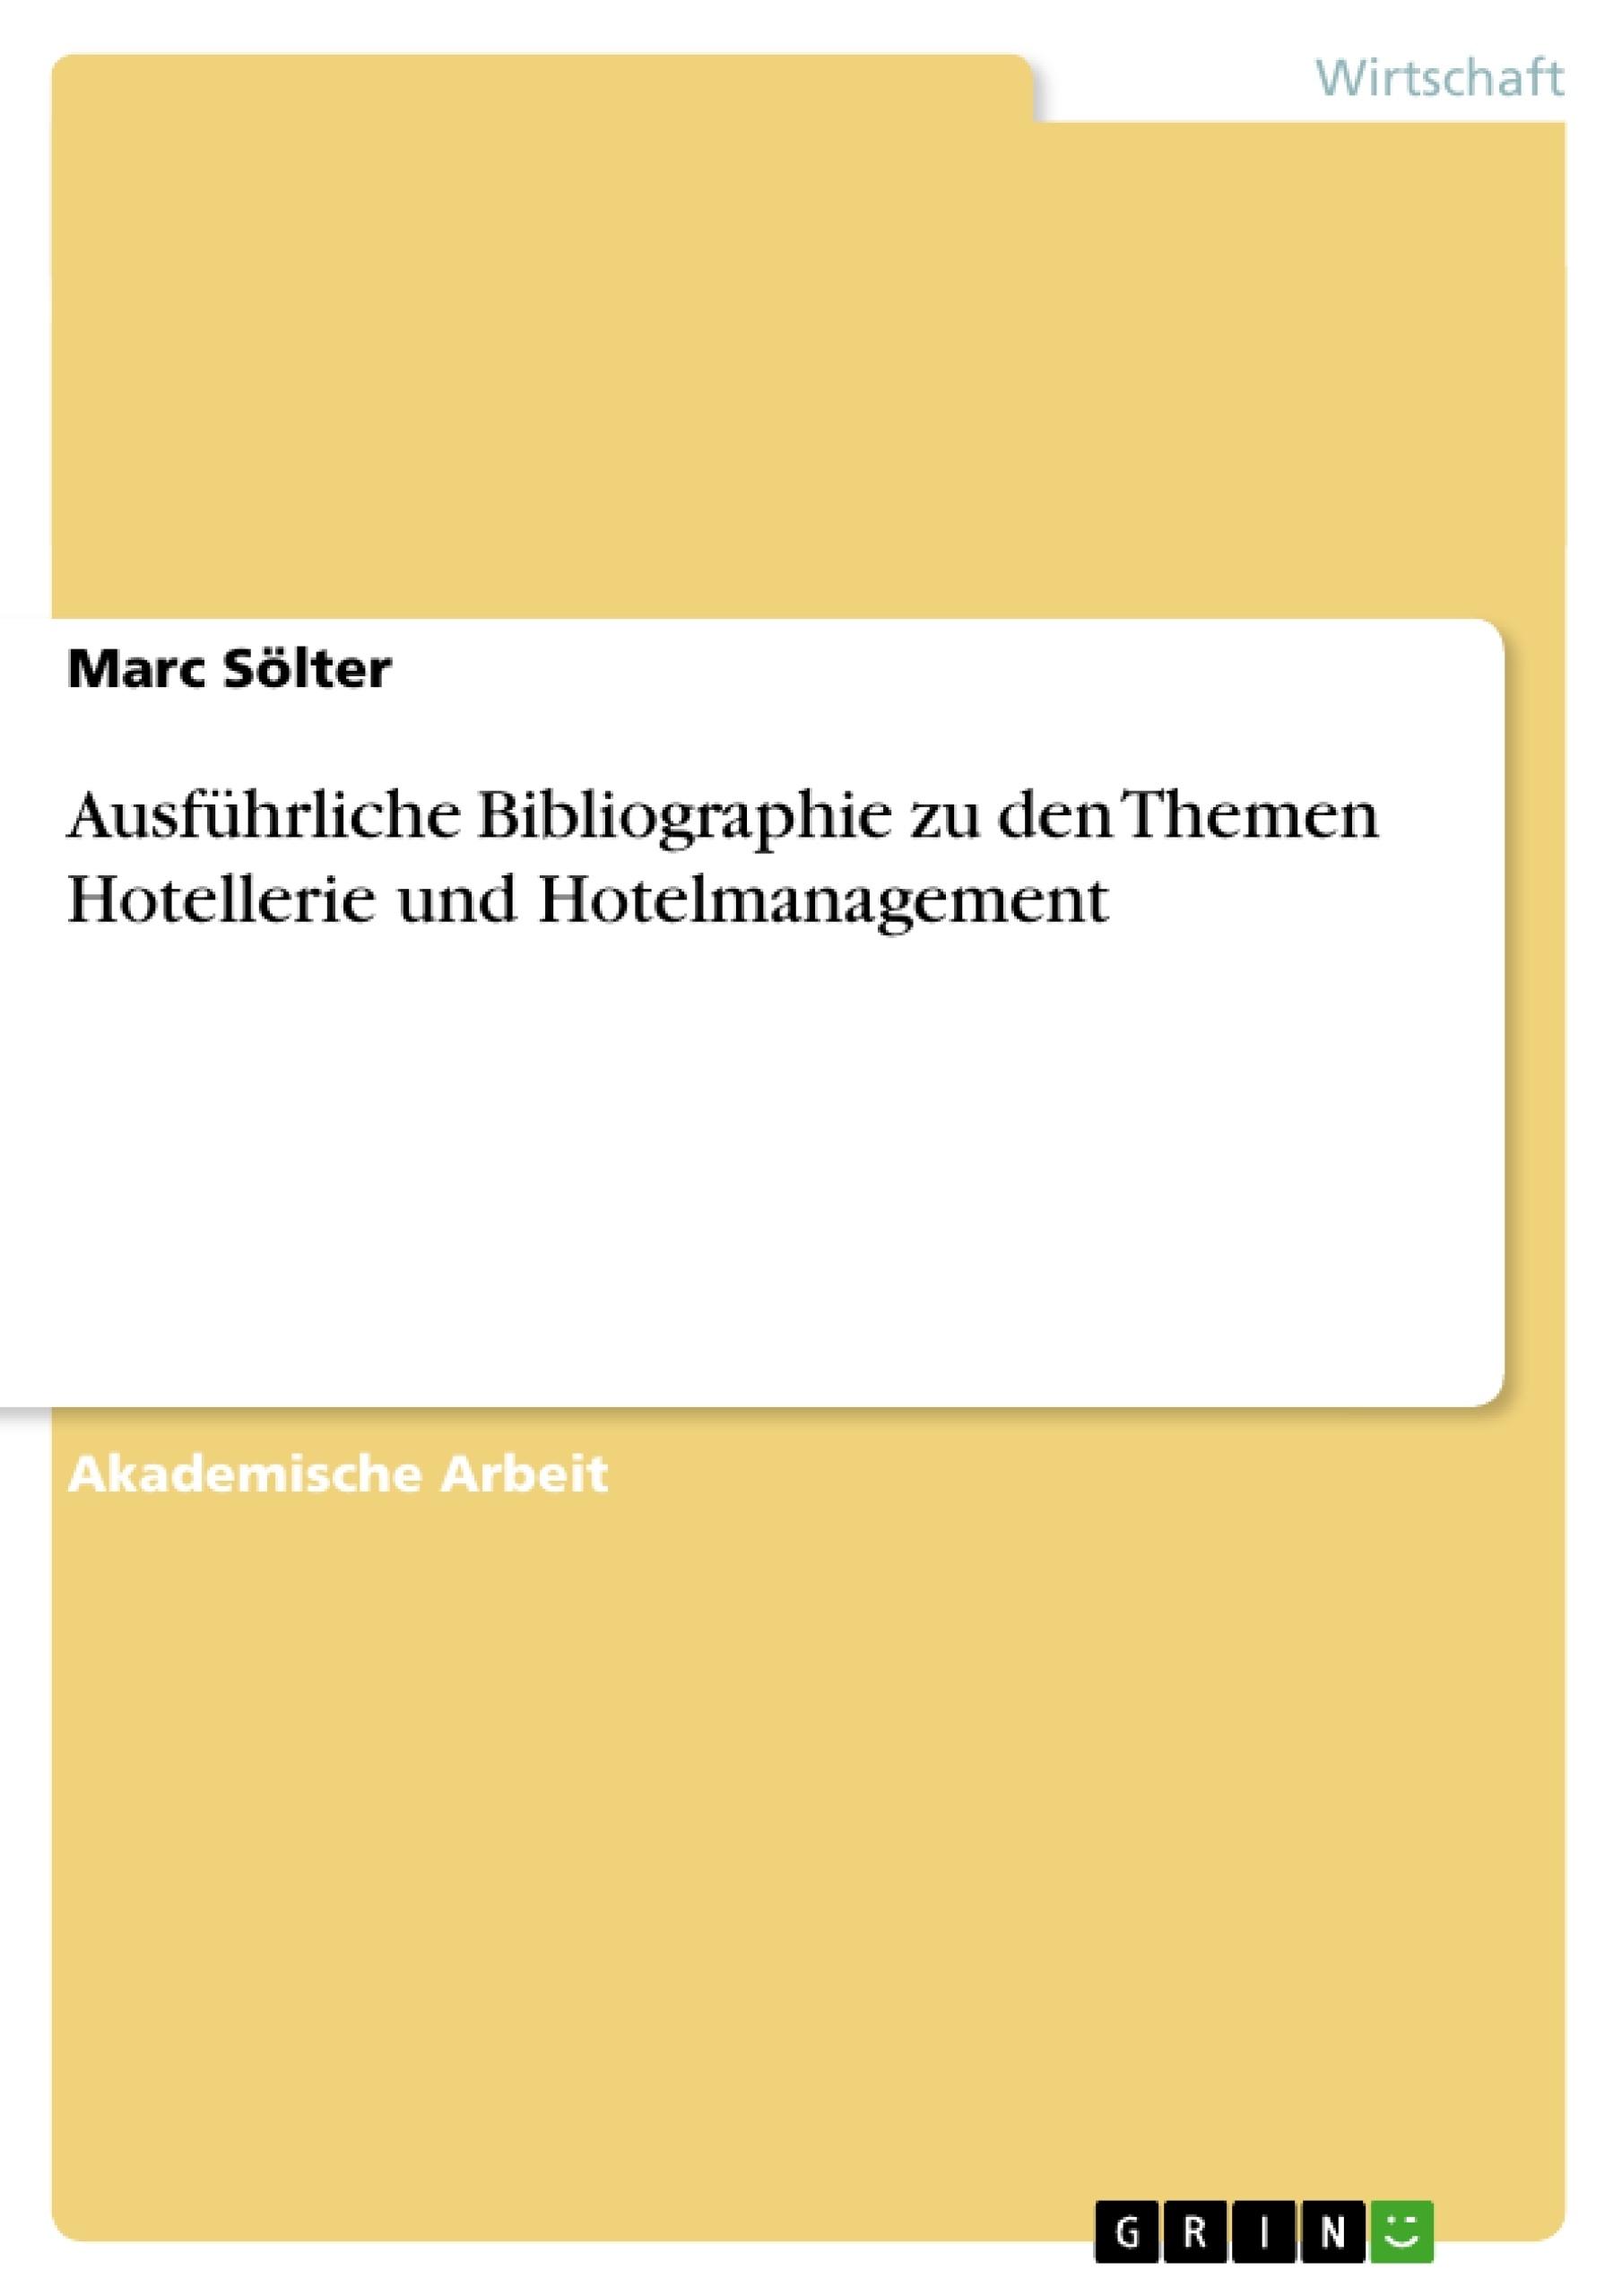 Titel: Ausführliche Bibliographie zu den Themen Hotellerie und Hotelmanagement